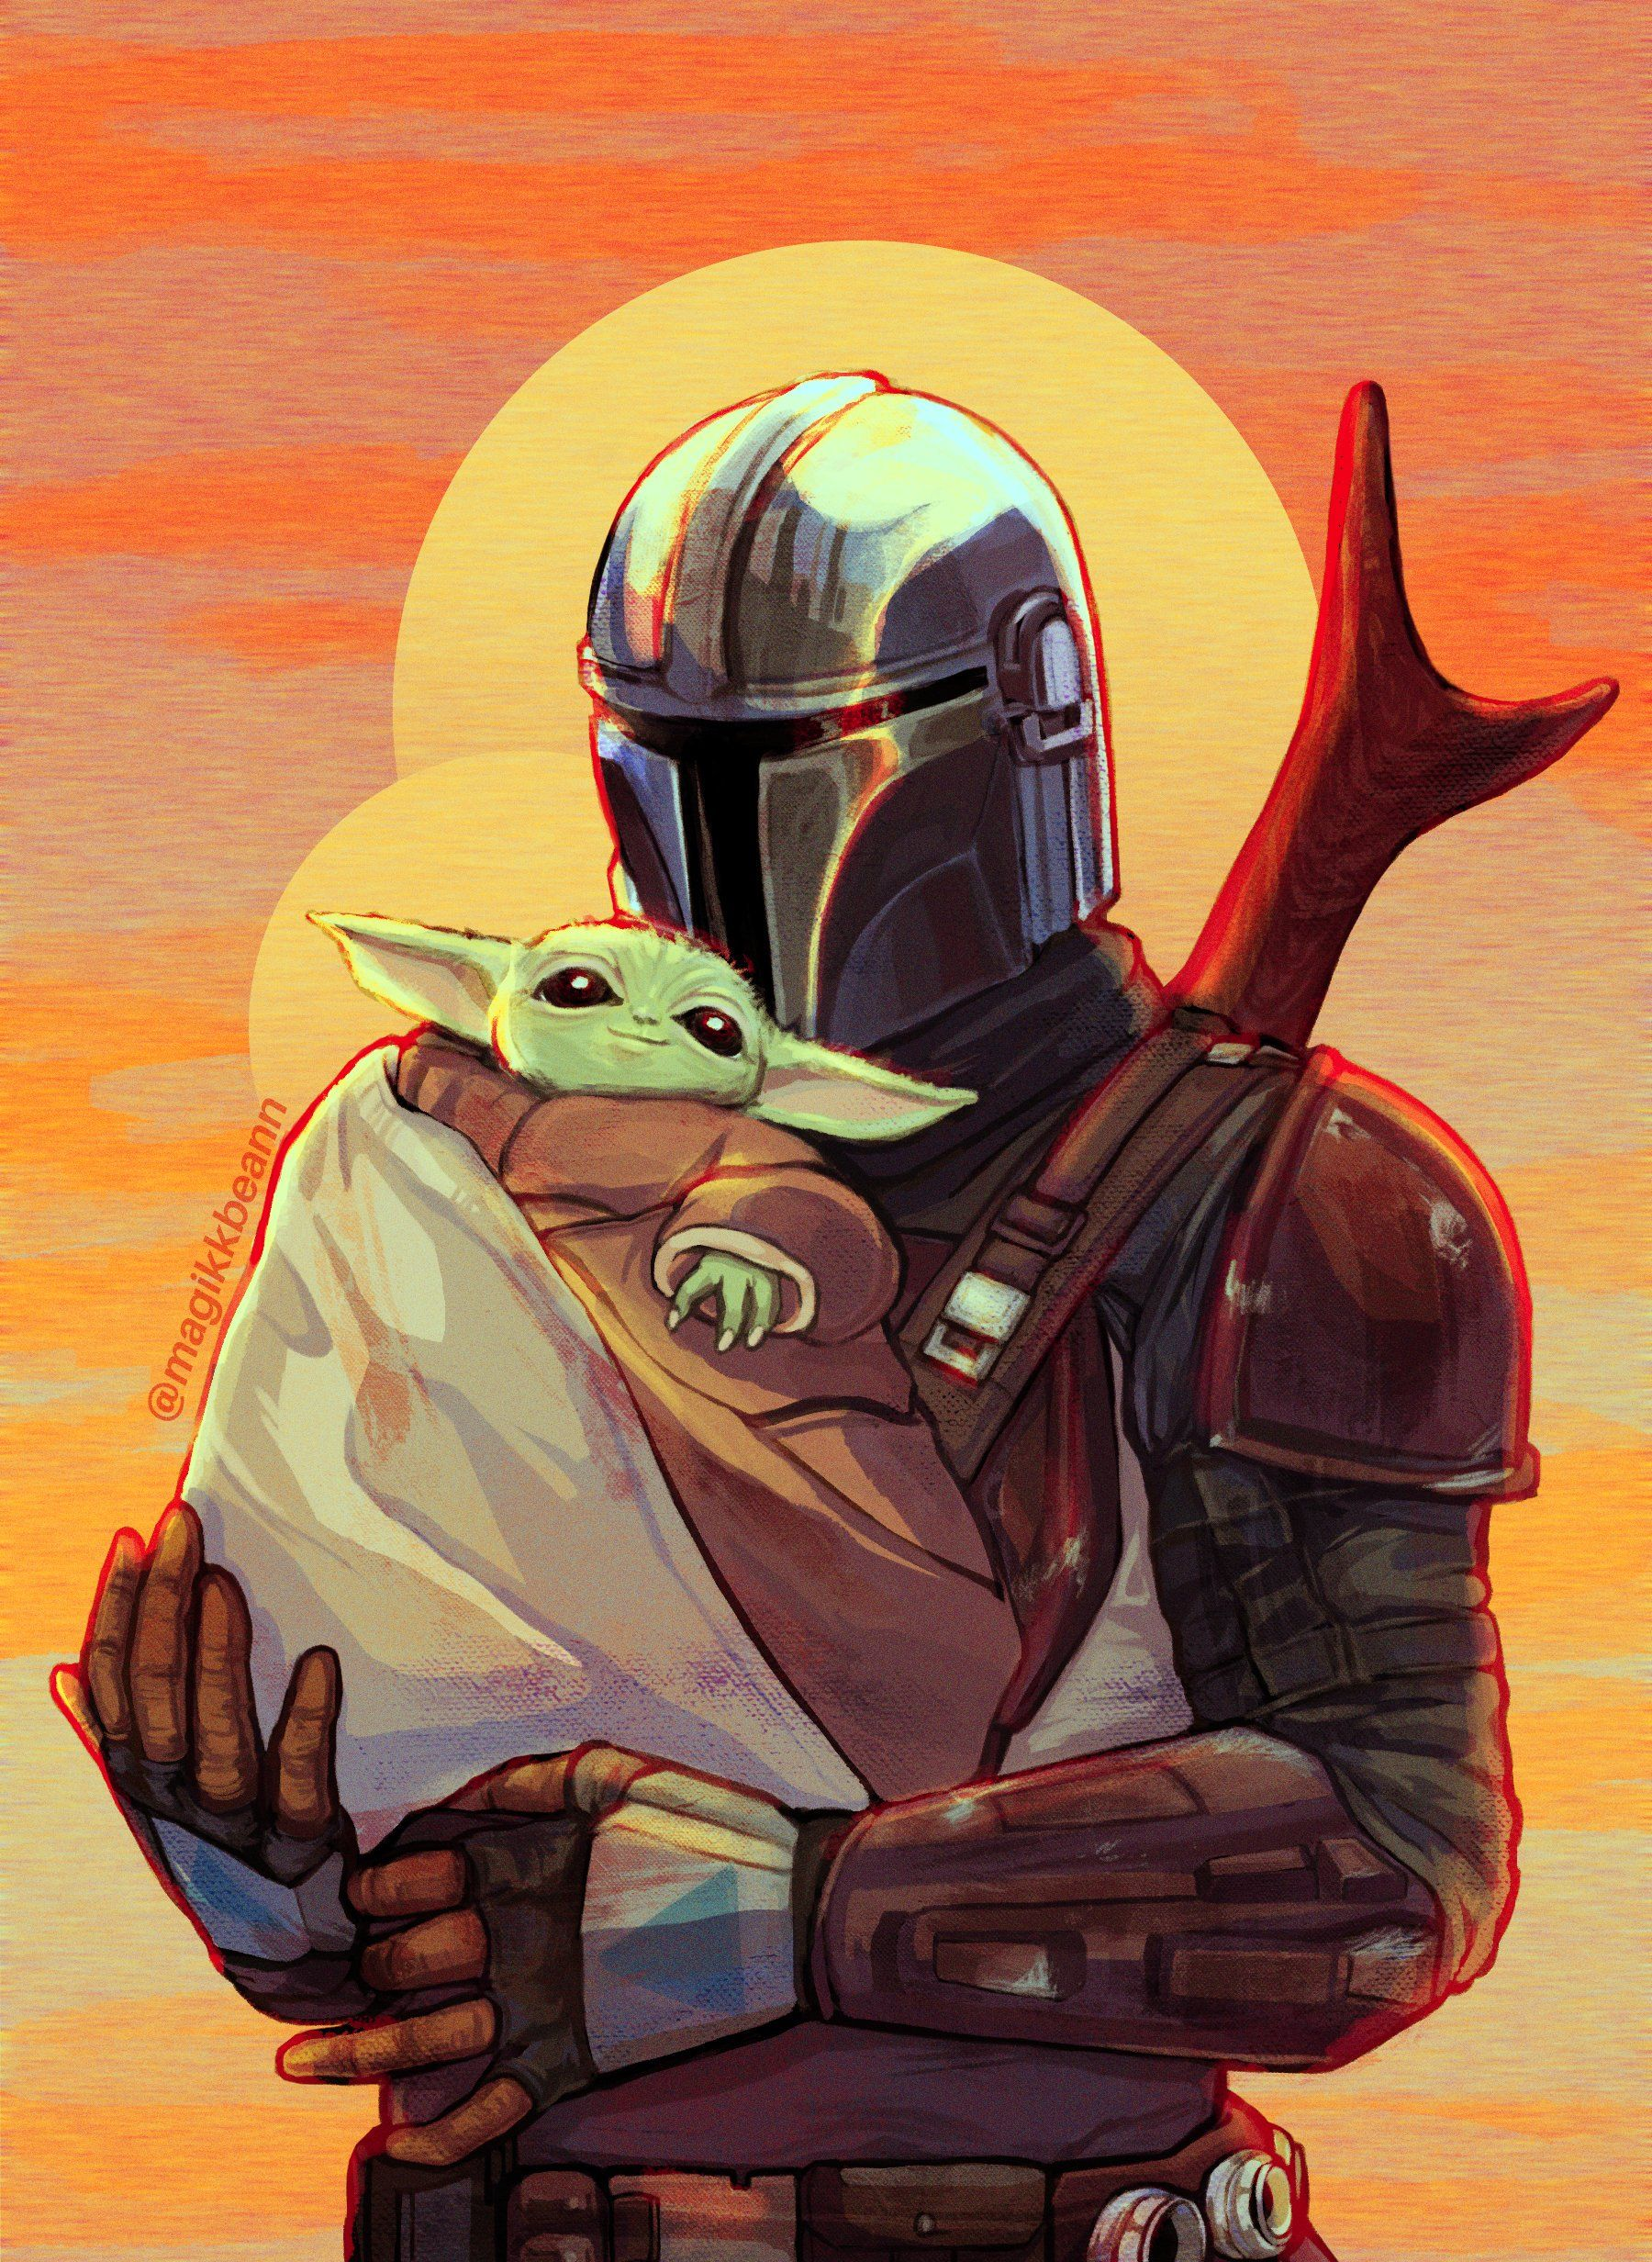 Https Starwarslatinamerica Com Wp Content Uploads 2019 11 Wp4976539 Baby Yoda Wallpapers Jpg Star Wars Artwork Yoda Wallpaper Star Wars Art